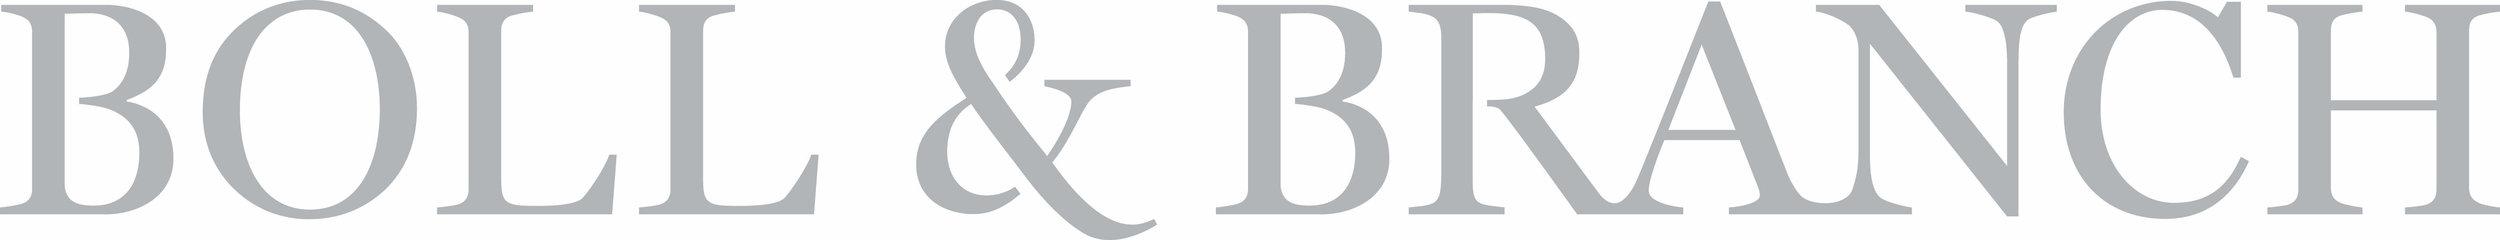 BollBranch_Logo-1-2.jpg